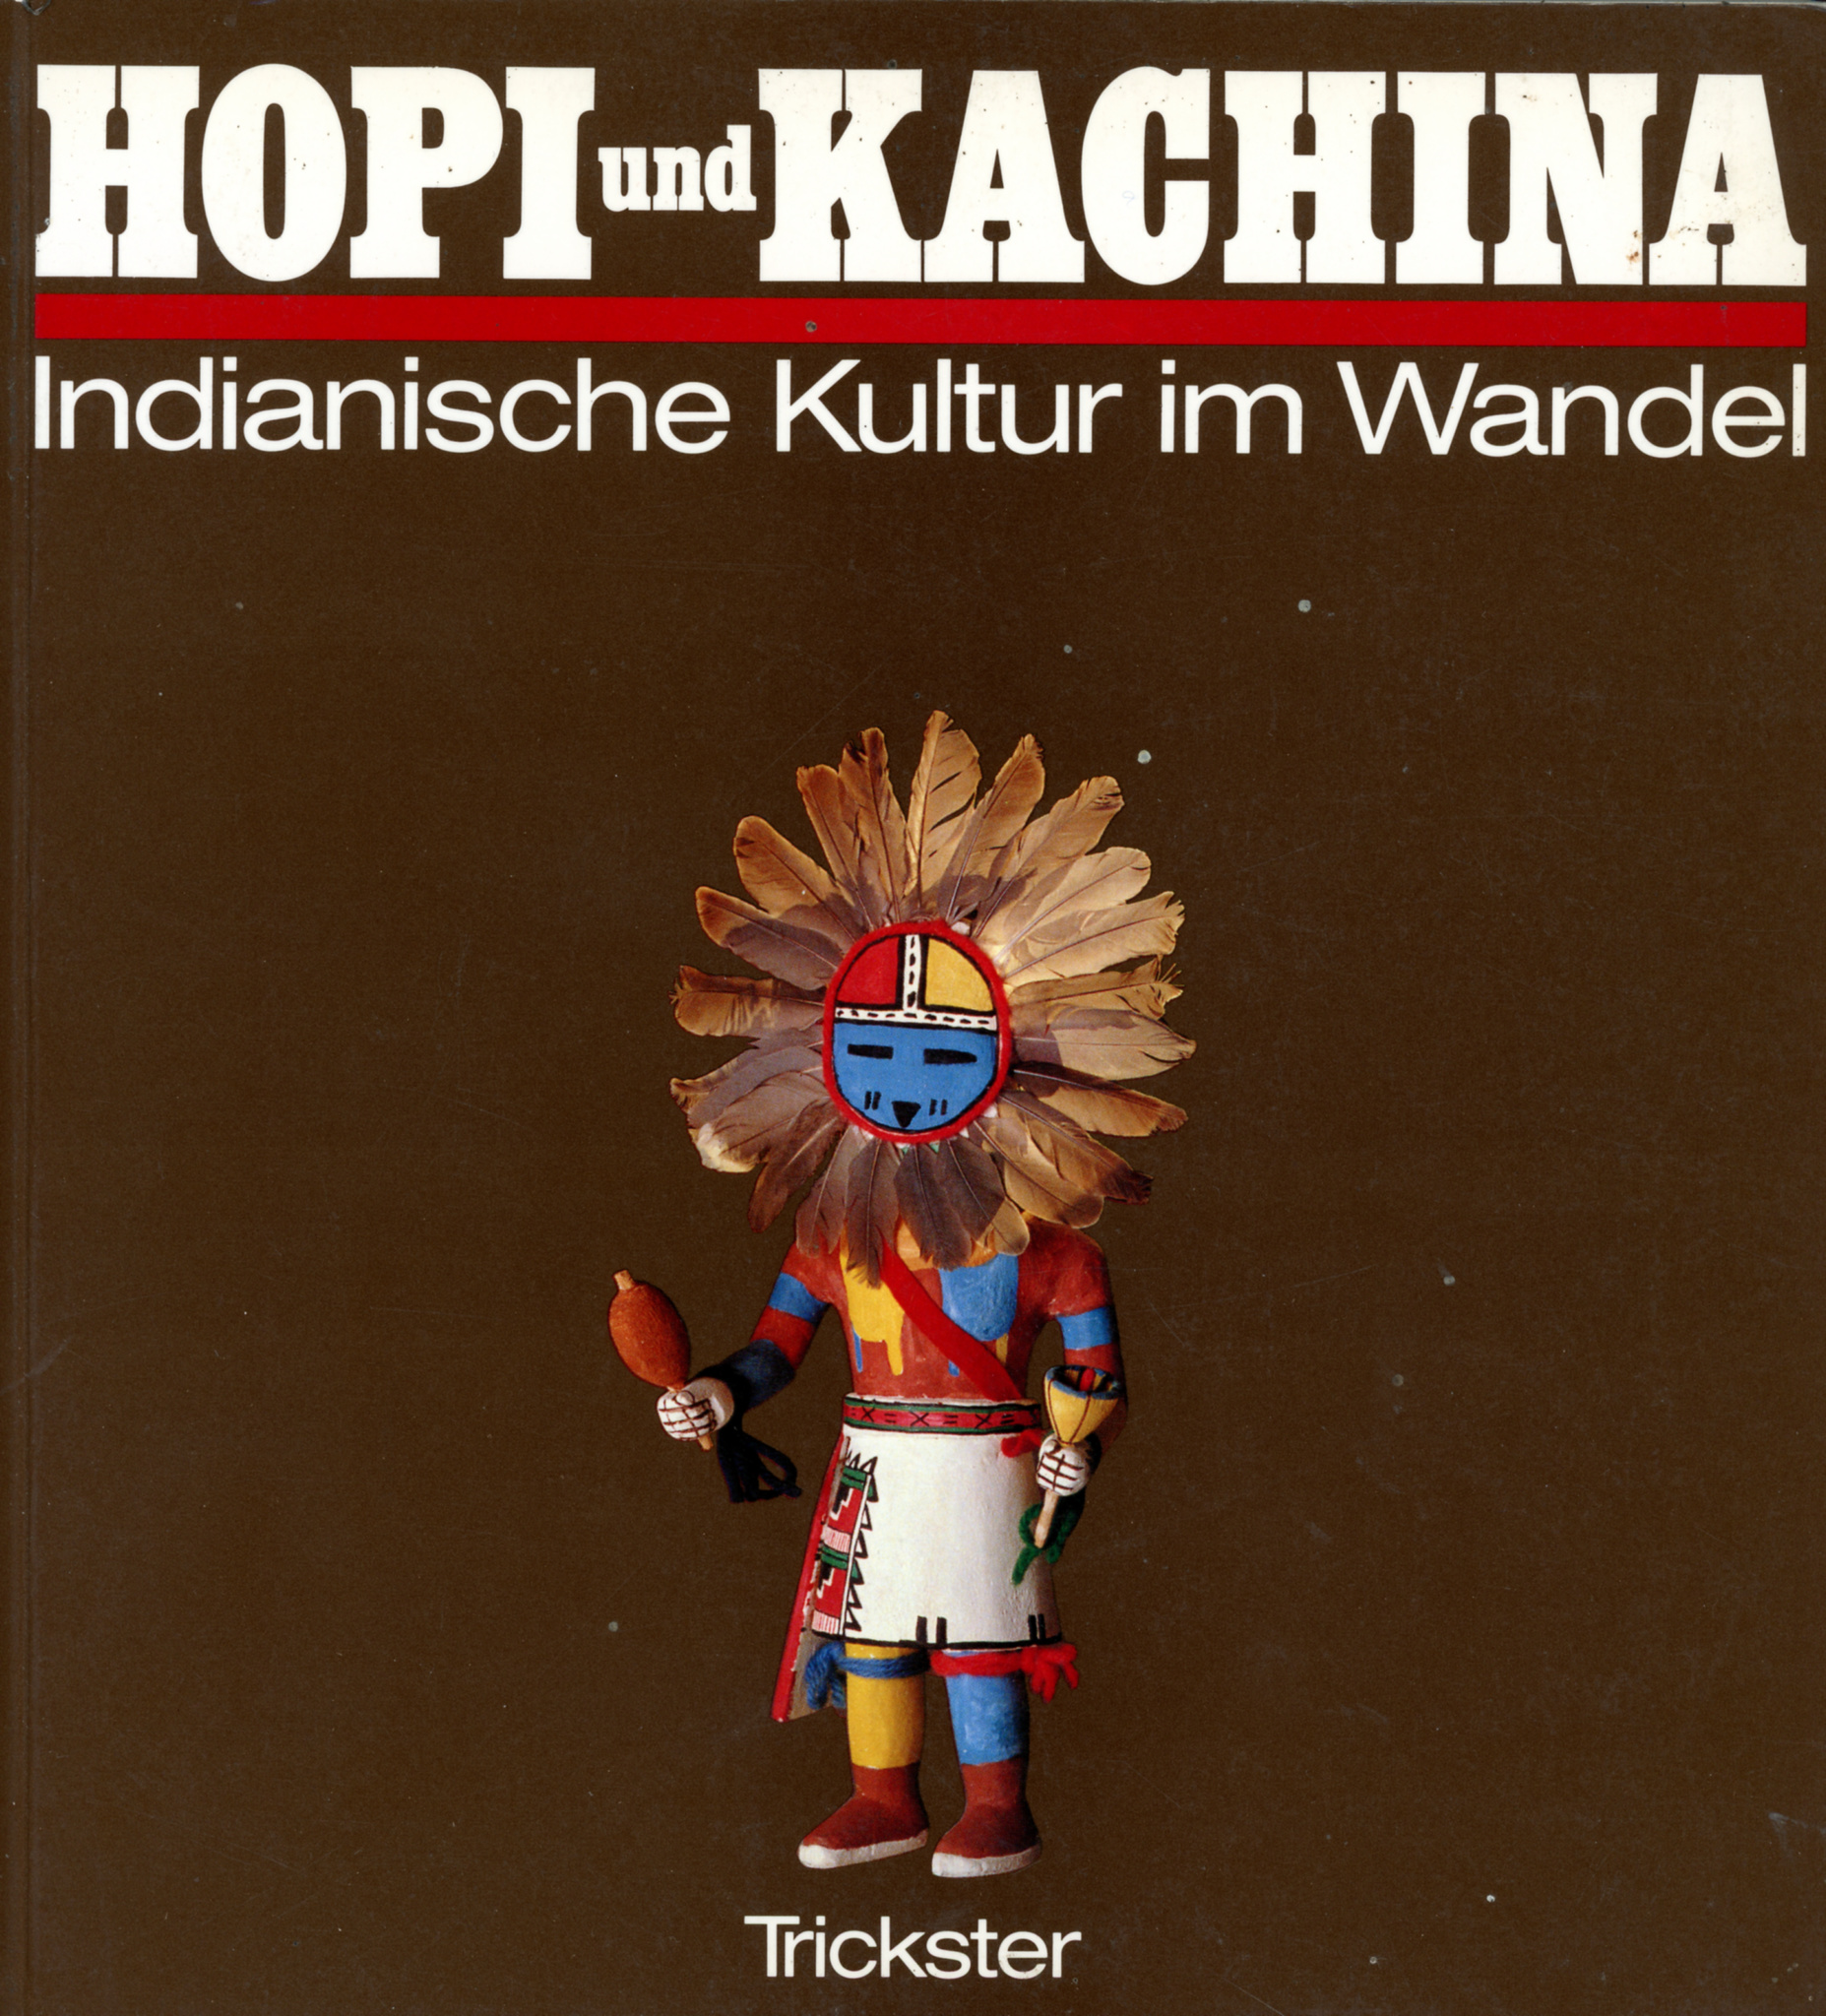 Selbstbildnis des Schnitzers als Hopi-Clown